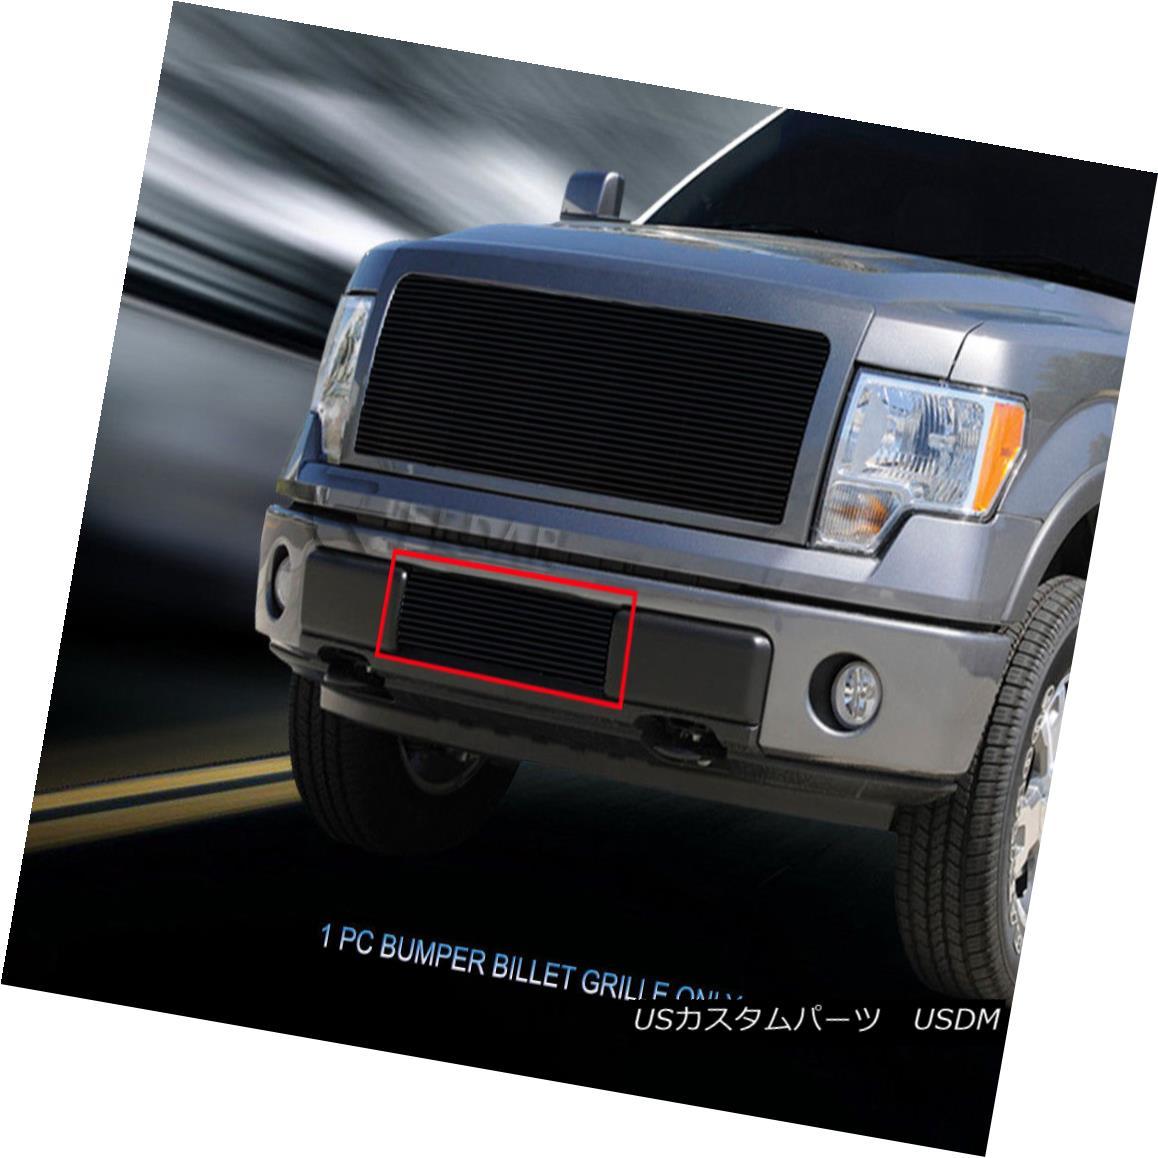 グリル Fedar Fits 09-14 Ford F-150 F150 Black Replacement Billet Grille Upper Grill Fedarフィット09-14 Ford F-150 F150ブラック交換用ビレットグリルアッパーグリル